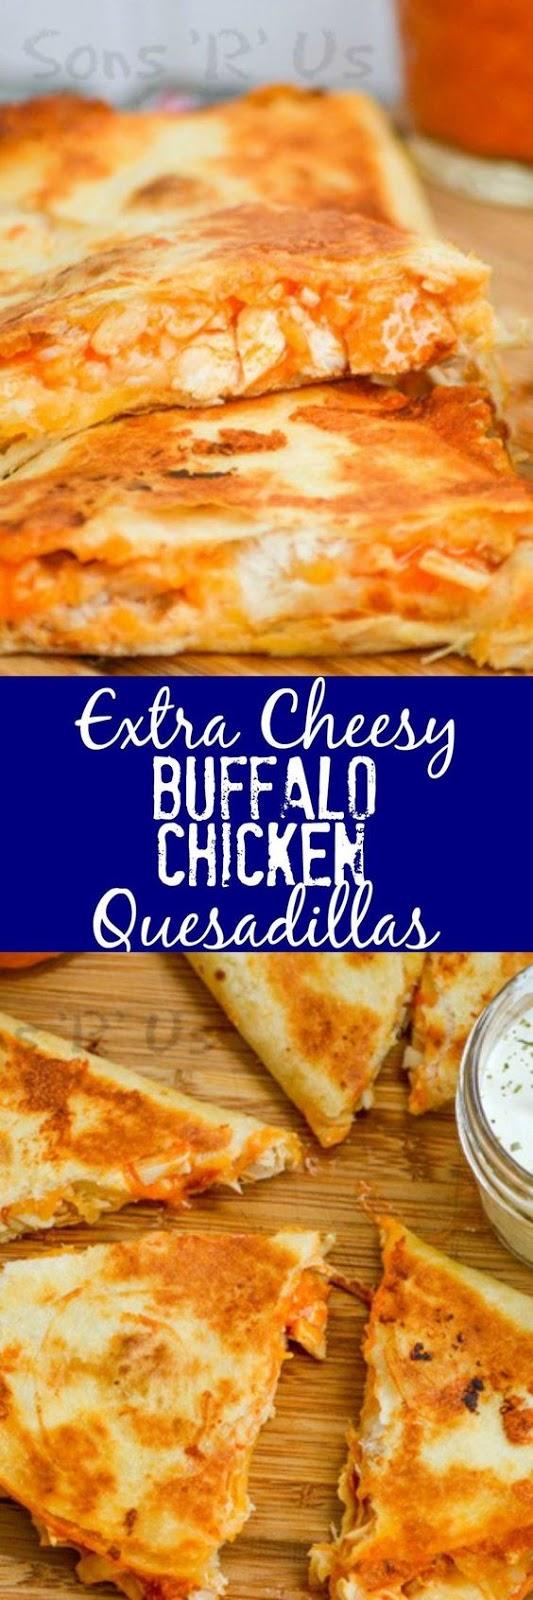 Extra Cheesy Buffalo Chicken Quesadillas